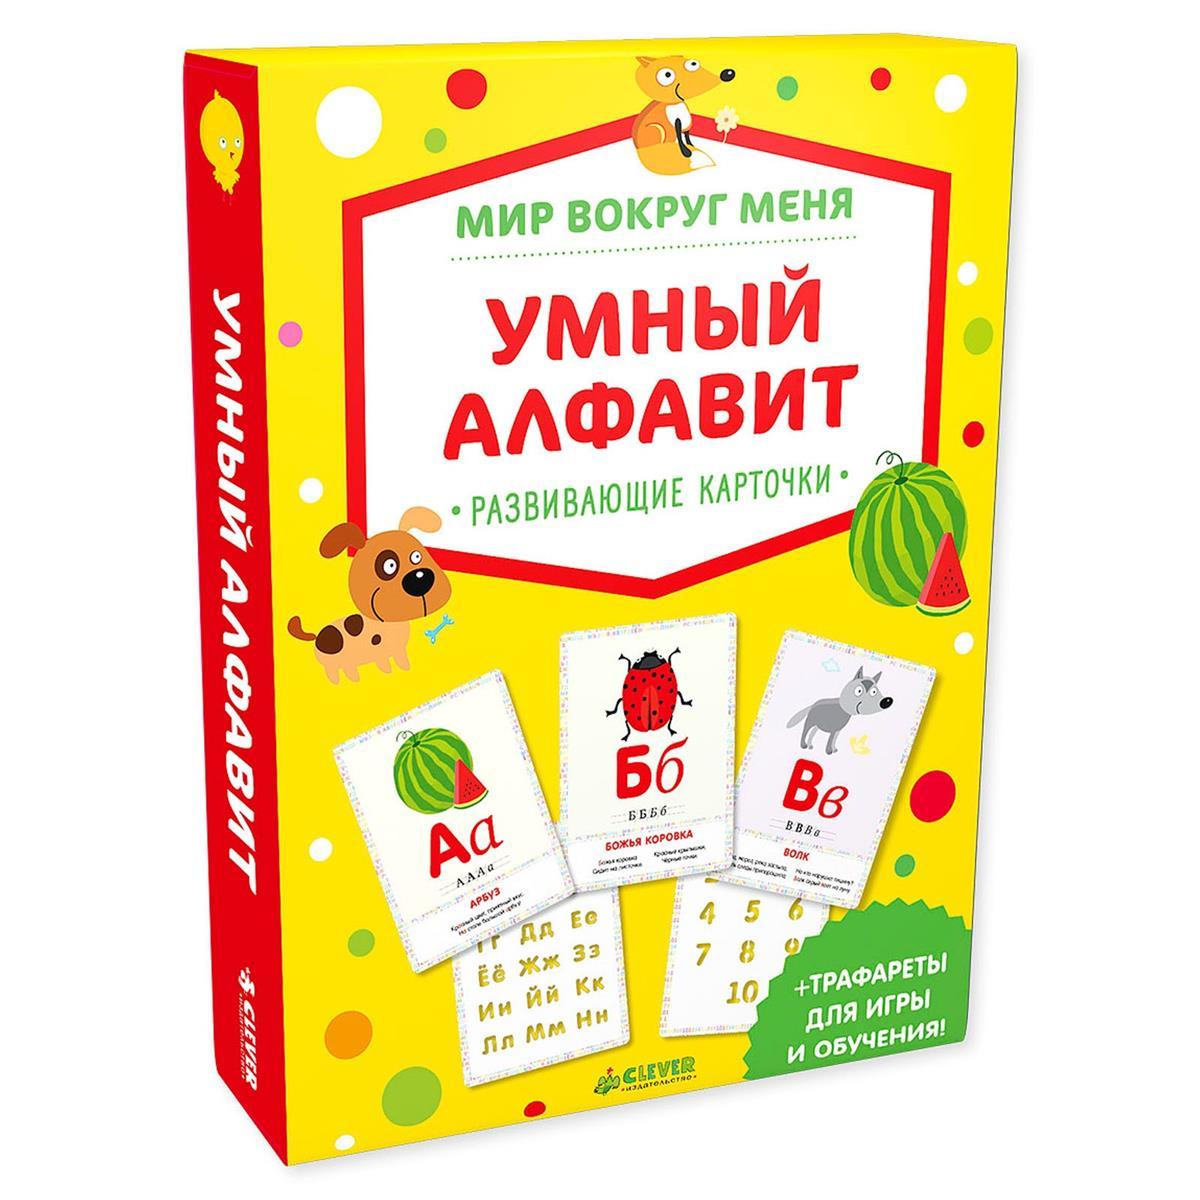 Измайлова Е. (ред.) Мир вокруг меня. Умный алфавит. Развивающие карточки + трафареты для игры и обучения